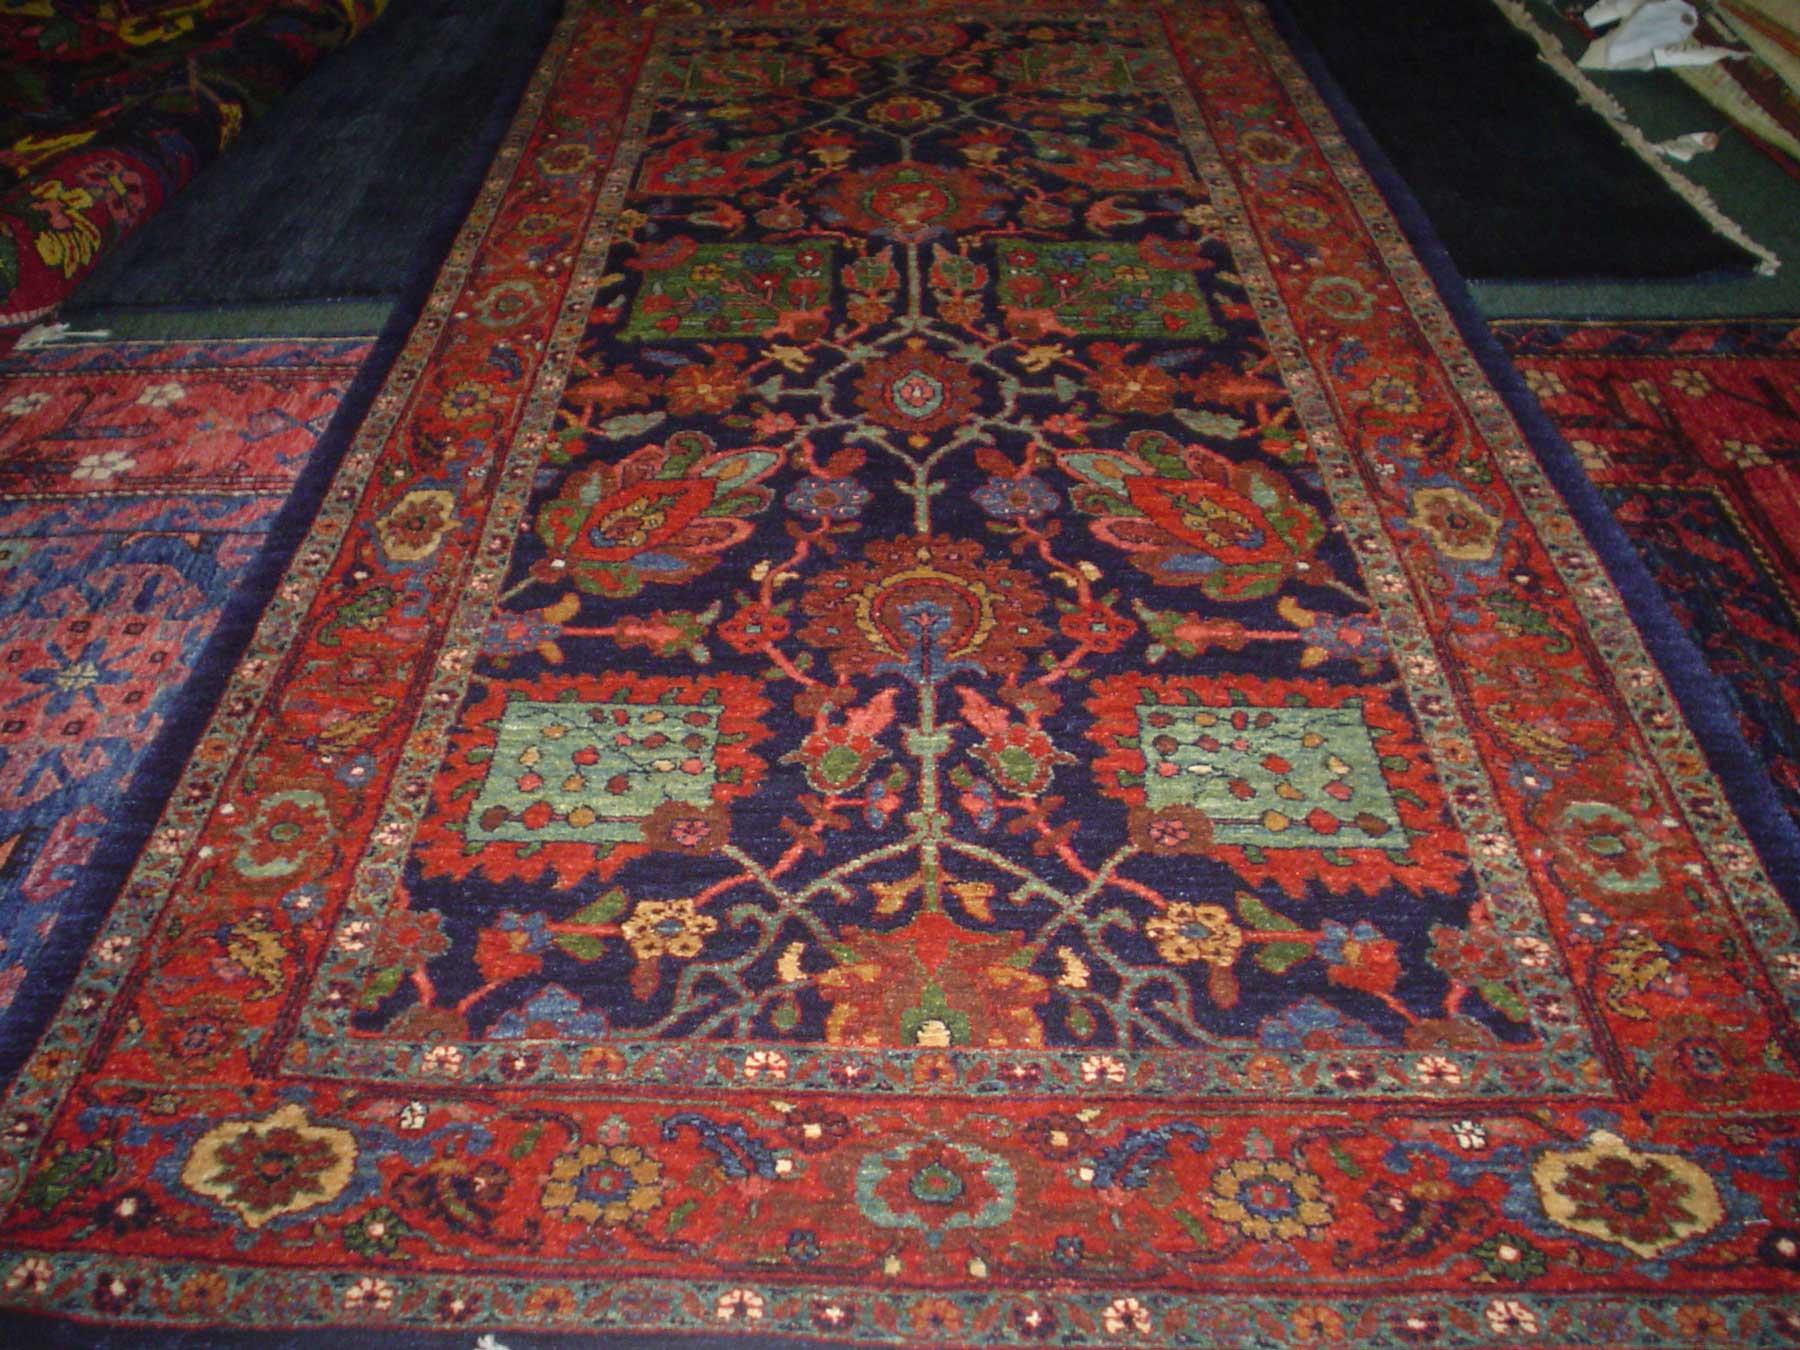 """2'8"""" x 5'8"""" Beautiful Bijar runner in jewel tones. New rug, antique design. Sold."""